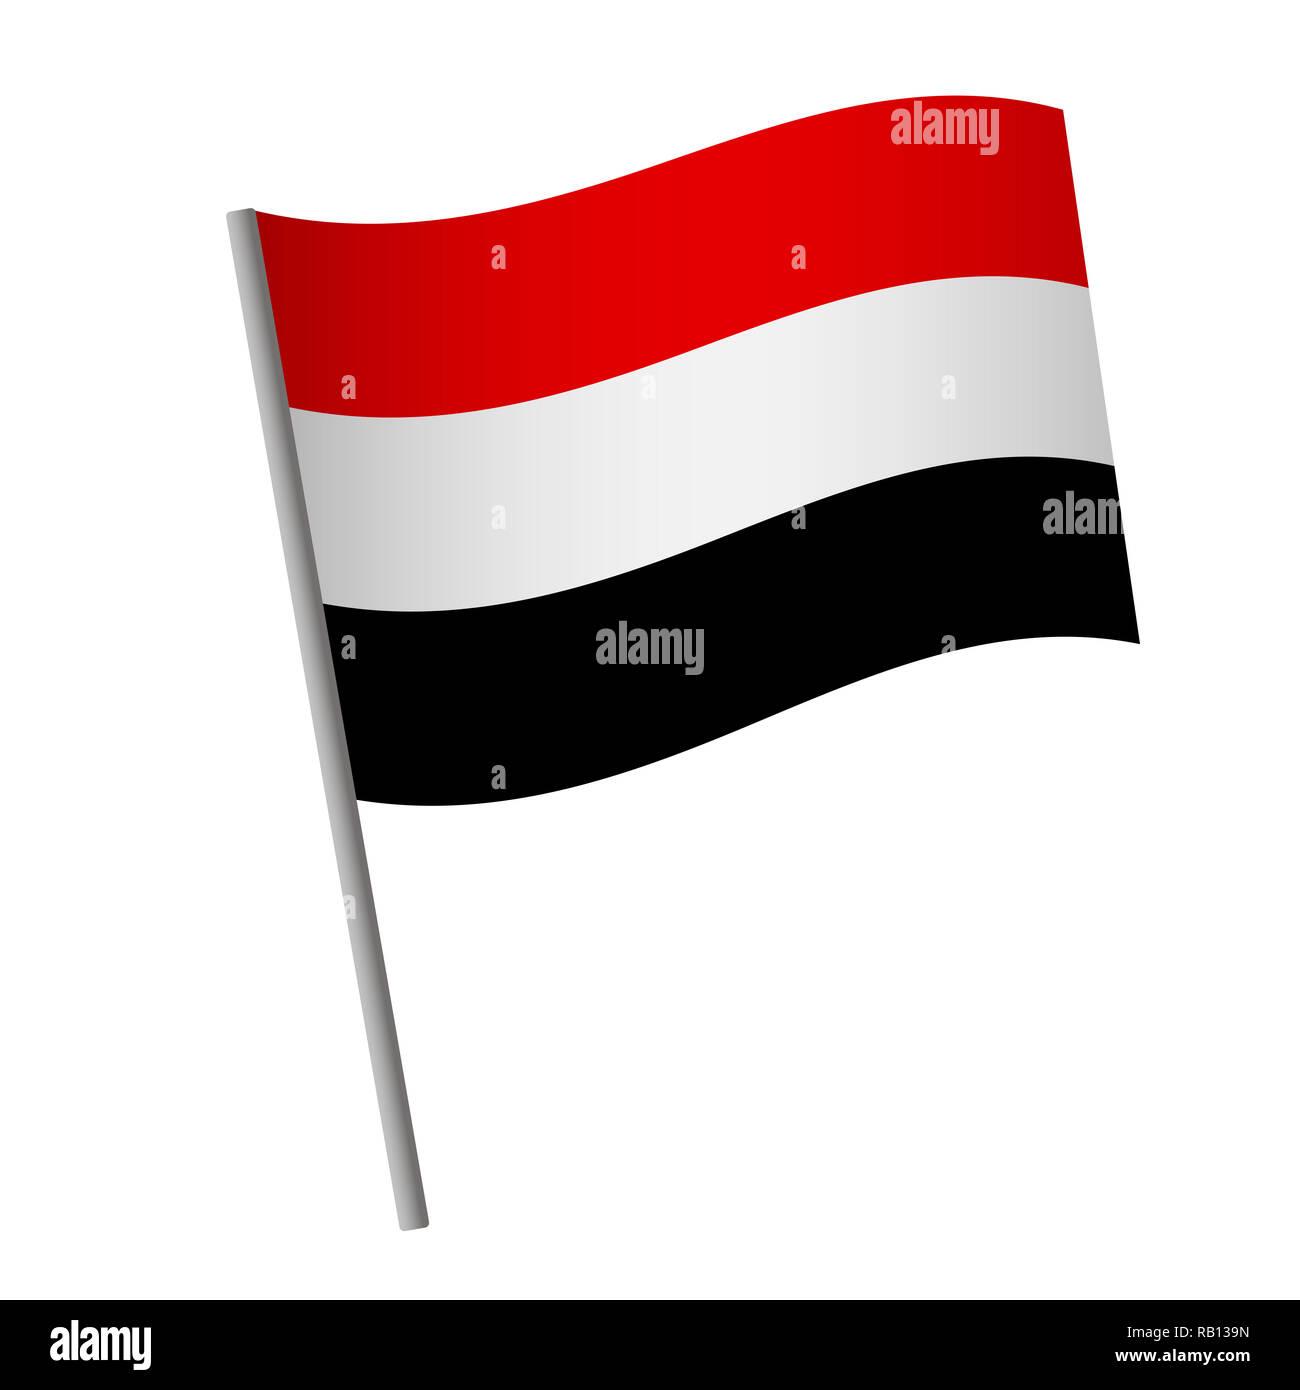 Yemen flag icon. National flag of Yemen on a pole  illustration. - Stock Image